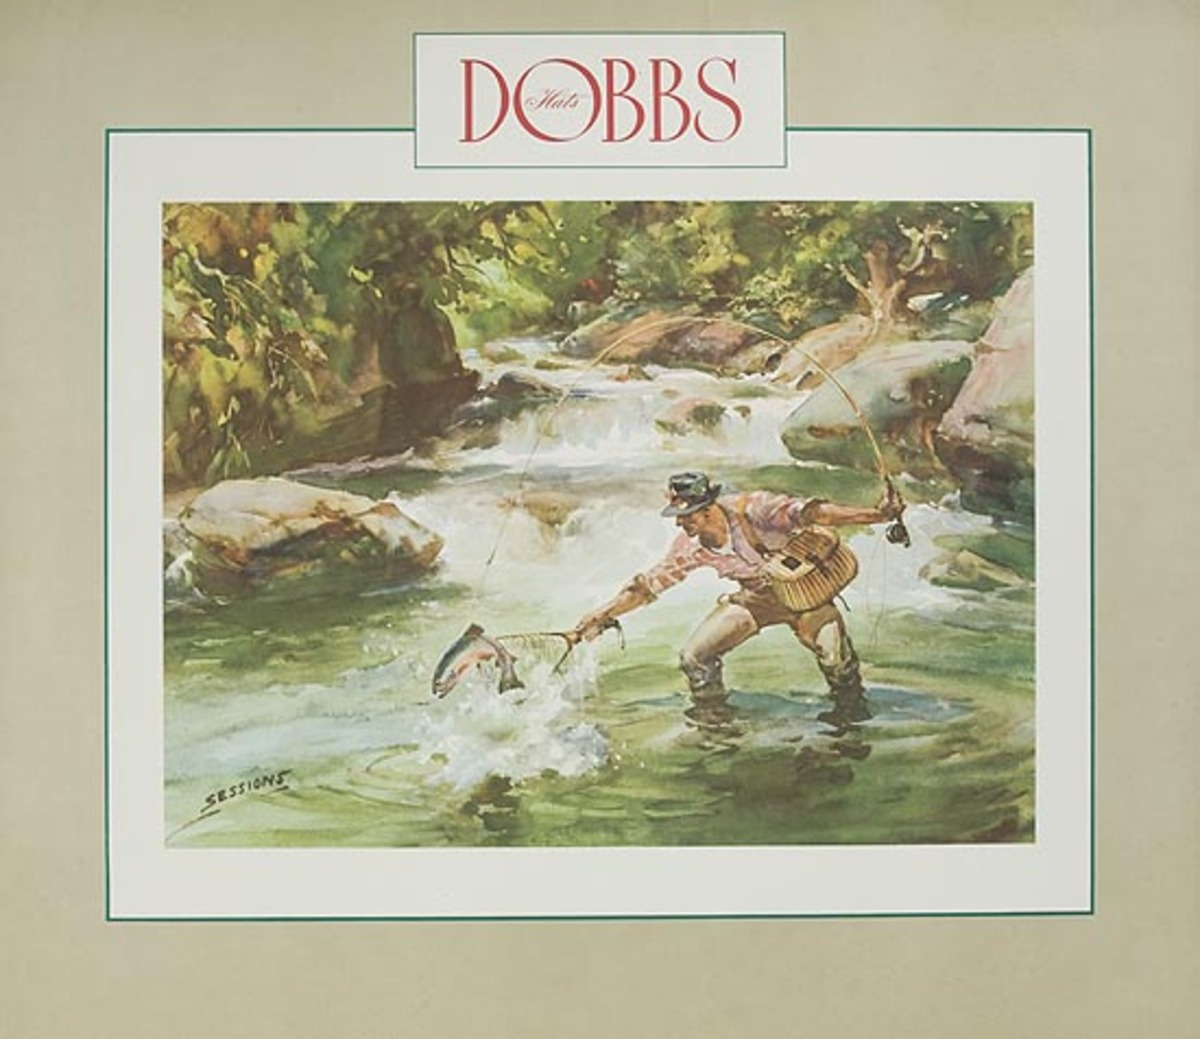 Dobbs Hat Original American Advertising Poster Flyfishing